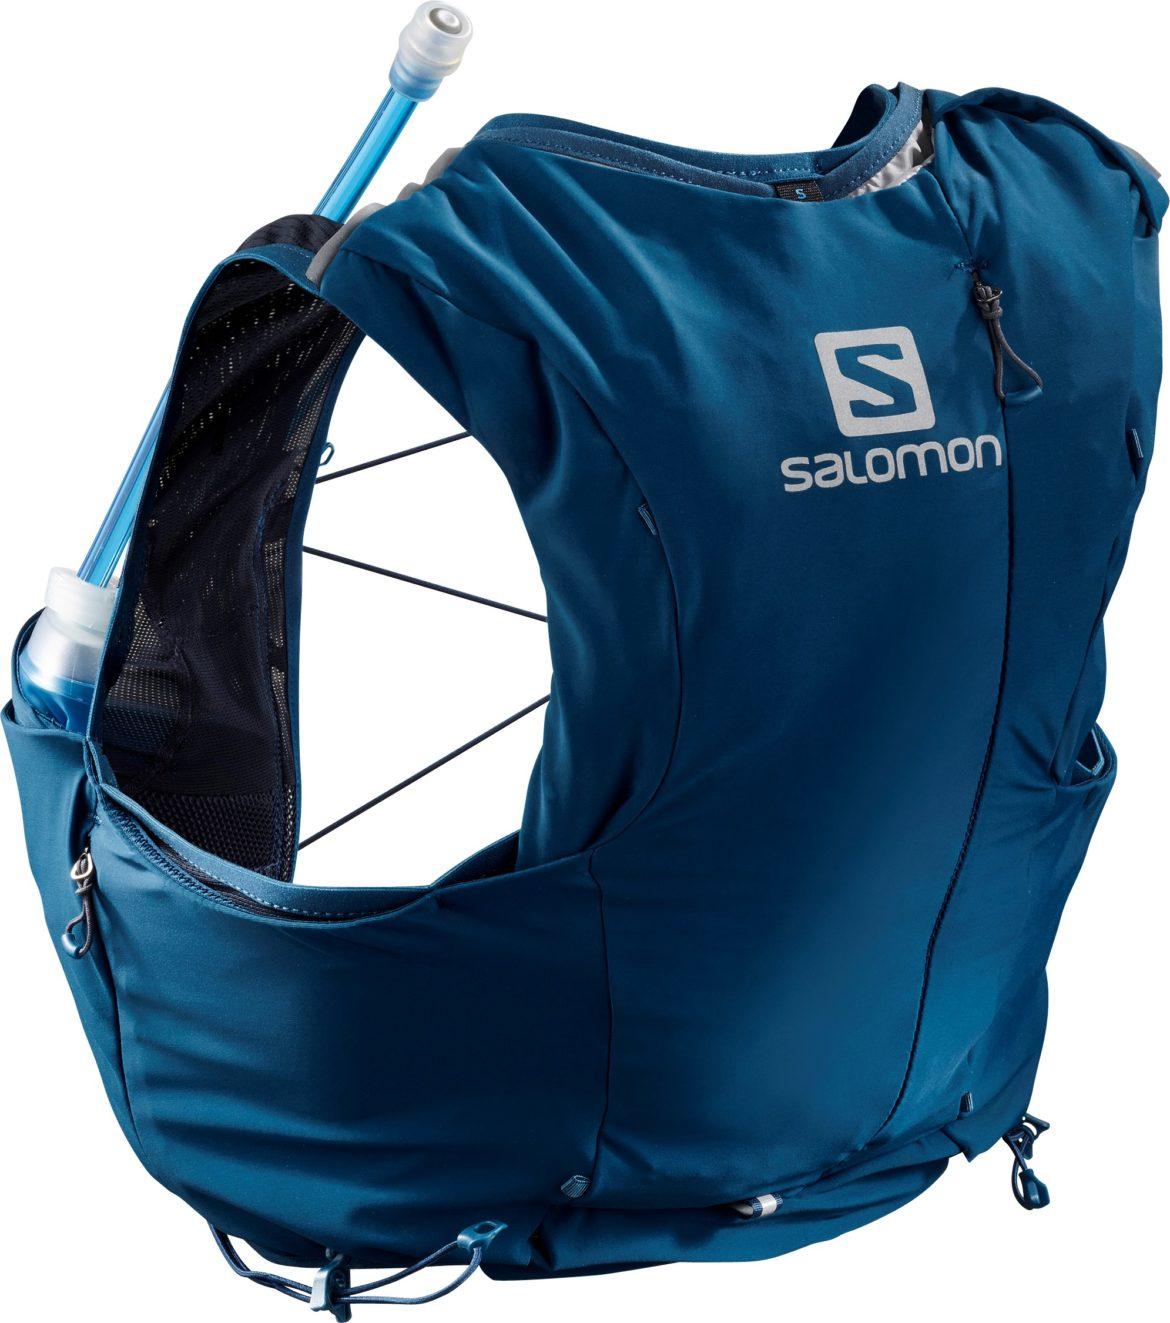 salomon-unveils-its-first-hydration-vest-built-for-women-1170x1323